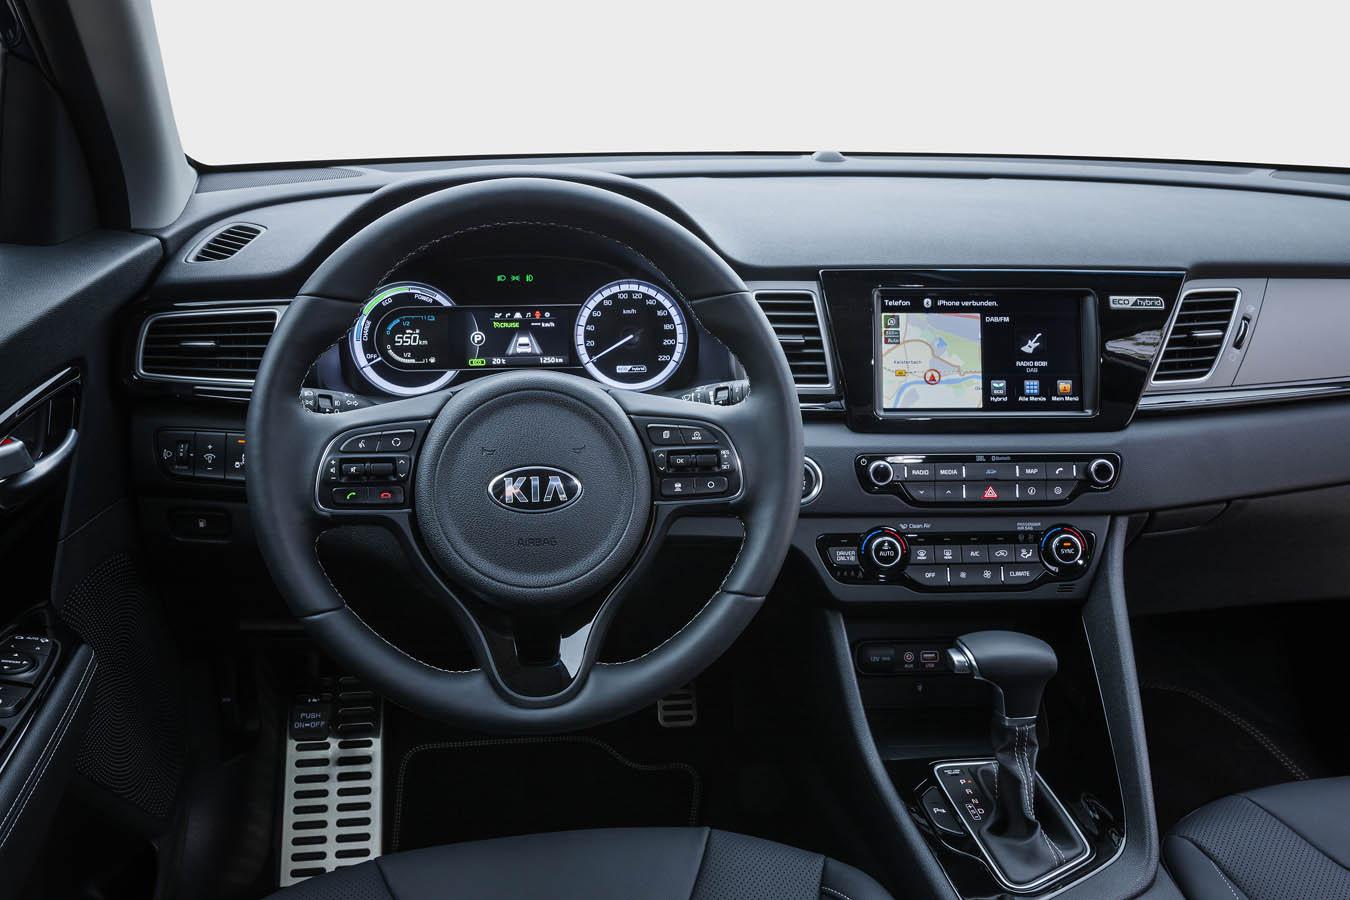 Kia Niro Interior >> Kia Niro Interior 4 موقع ويلز